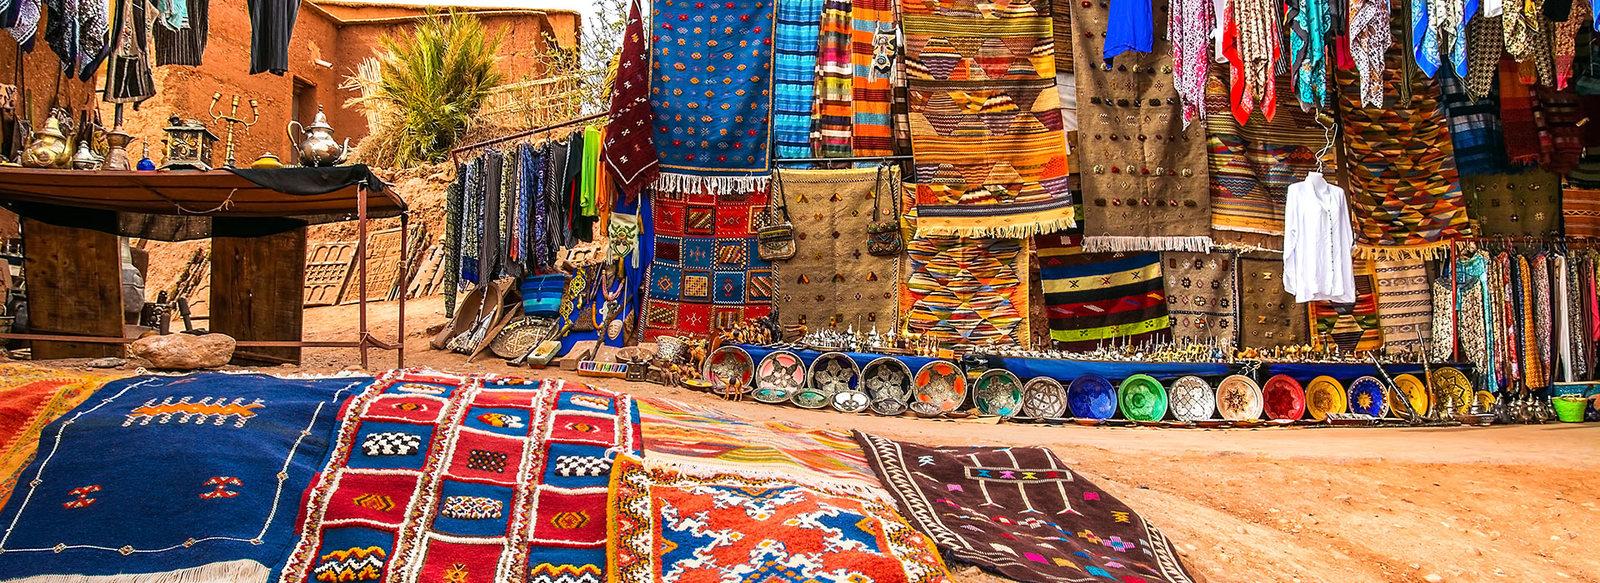 Trekking in famiglia a Marrakech